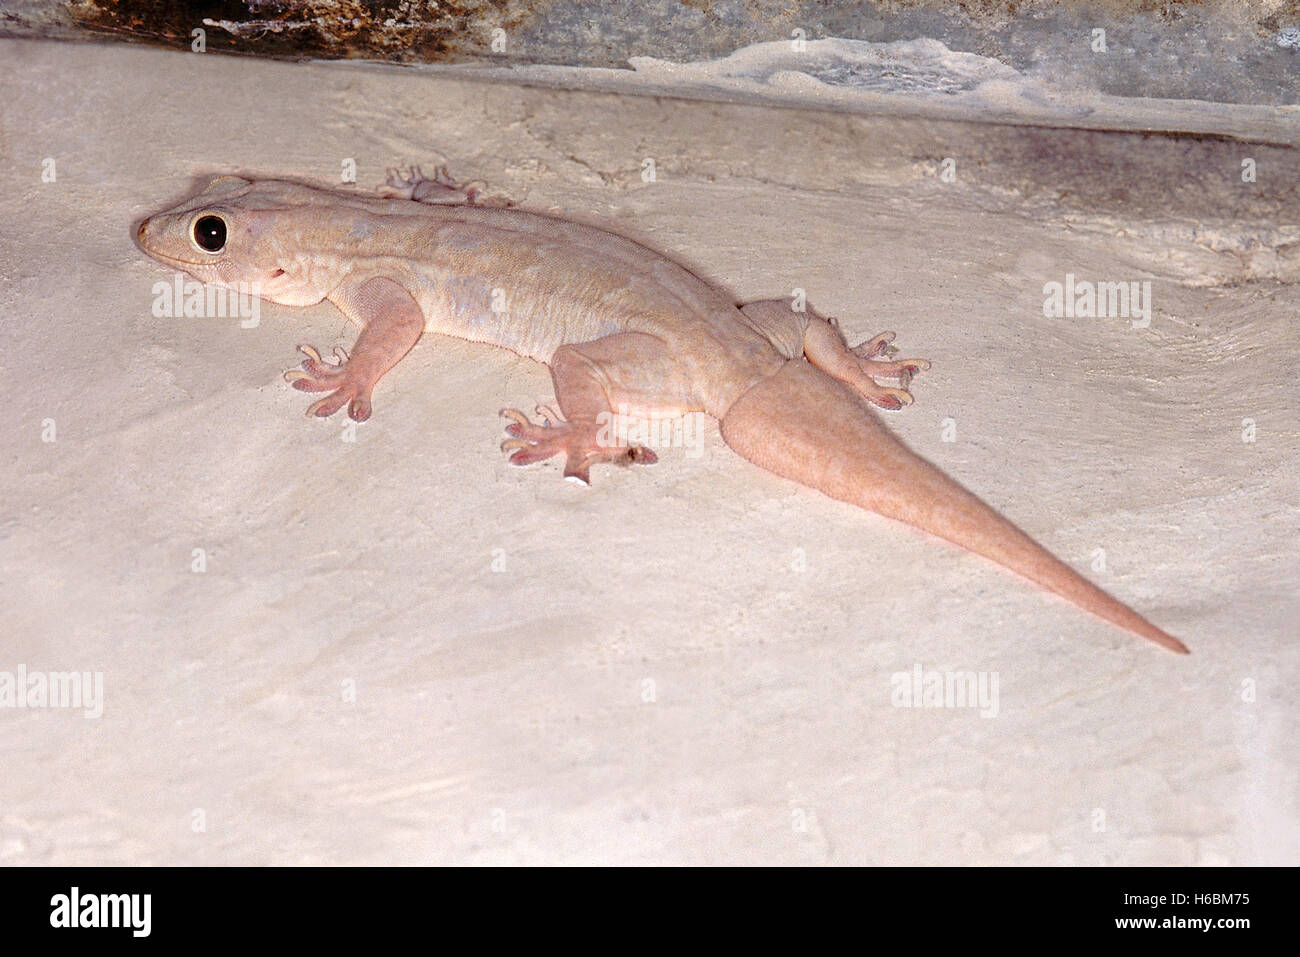 Bauche Haus GECKO, Hemidactylus Flaviviridis. Gemeinsame Gecko, normalerweise in Häusern gefunden. Stockfoto